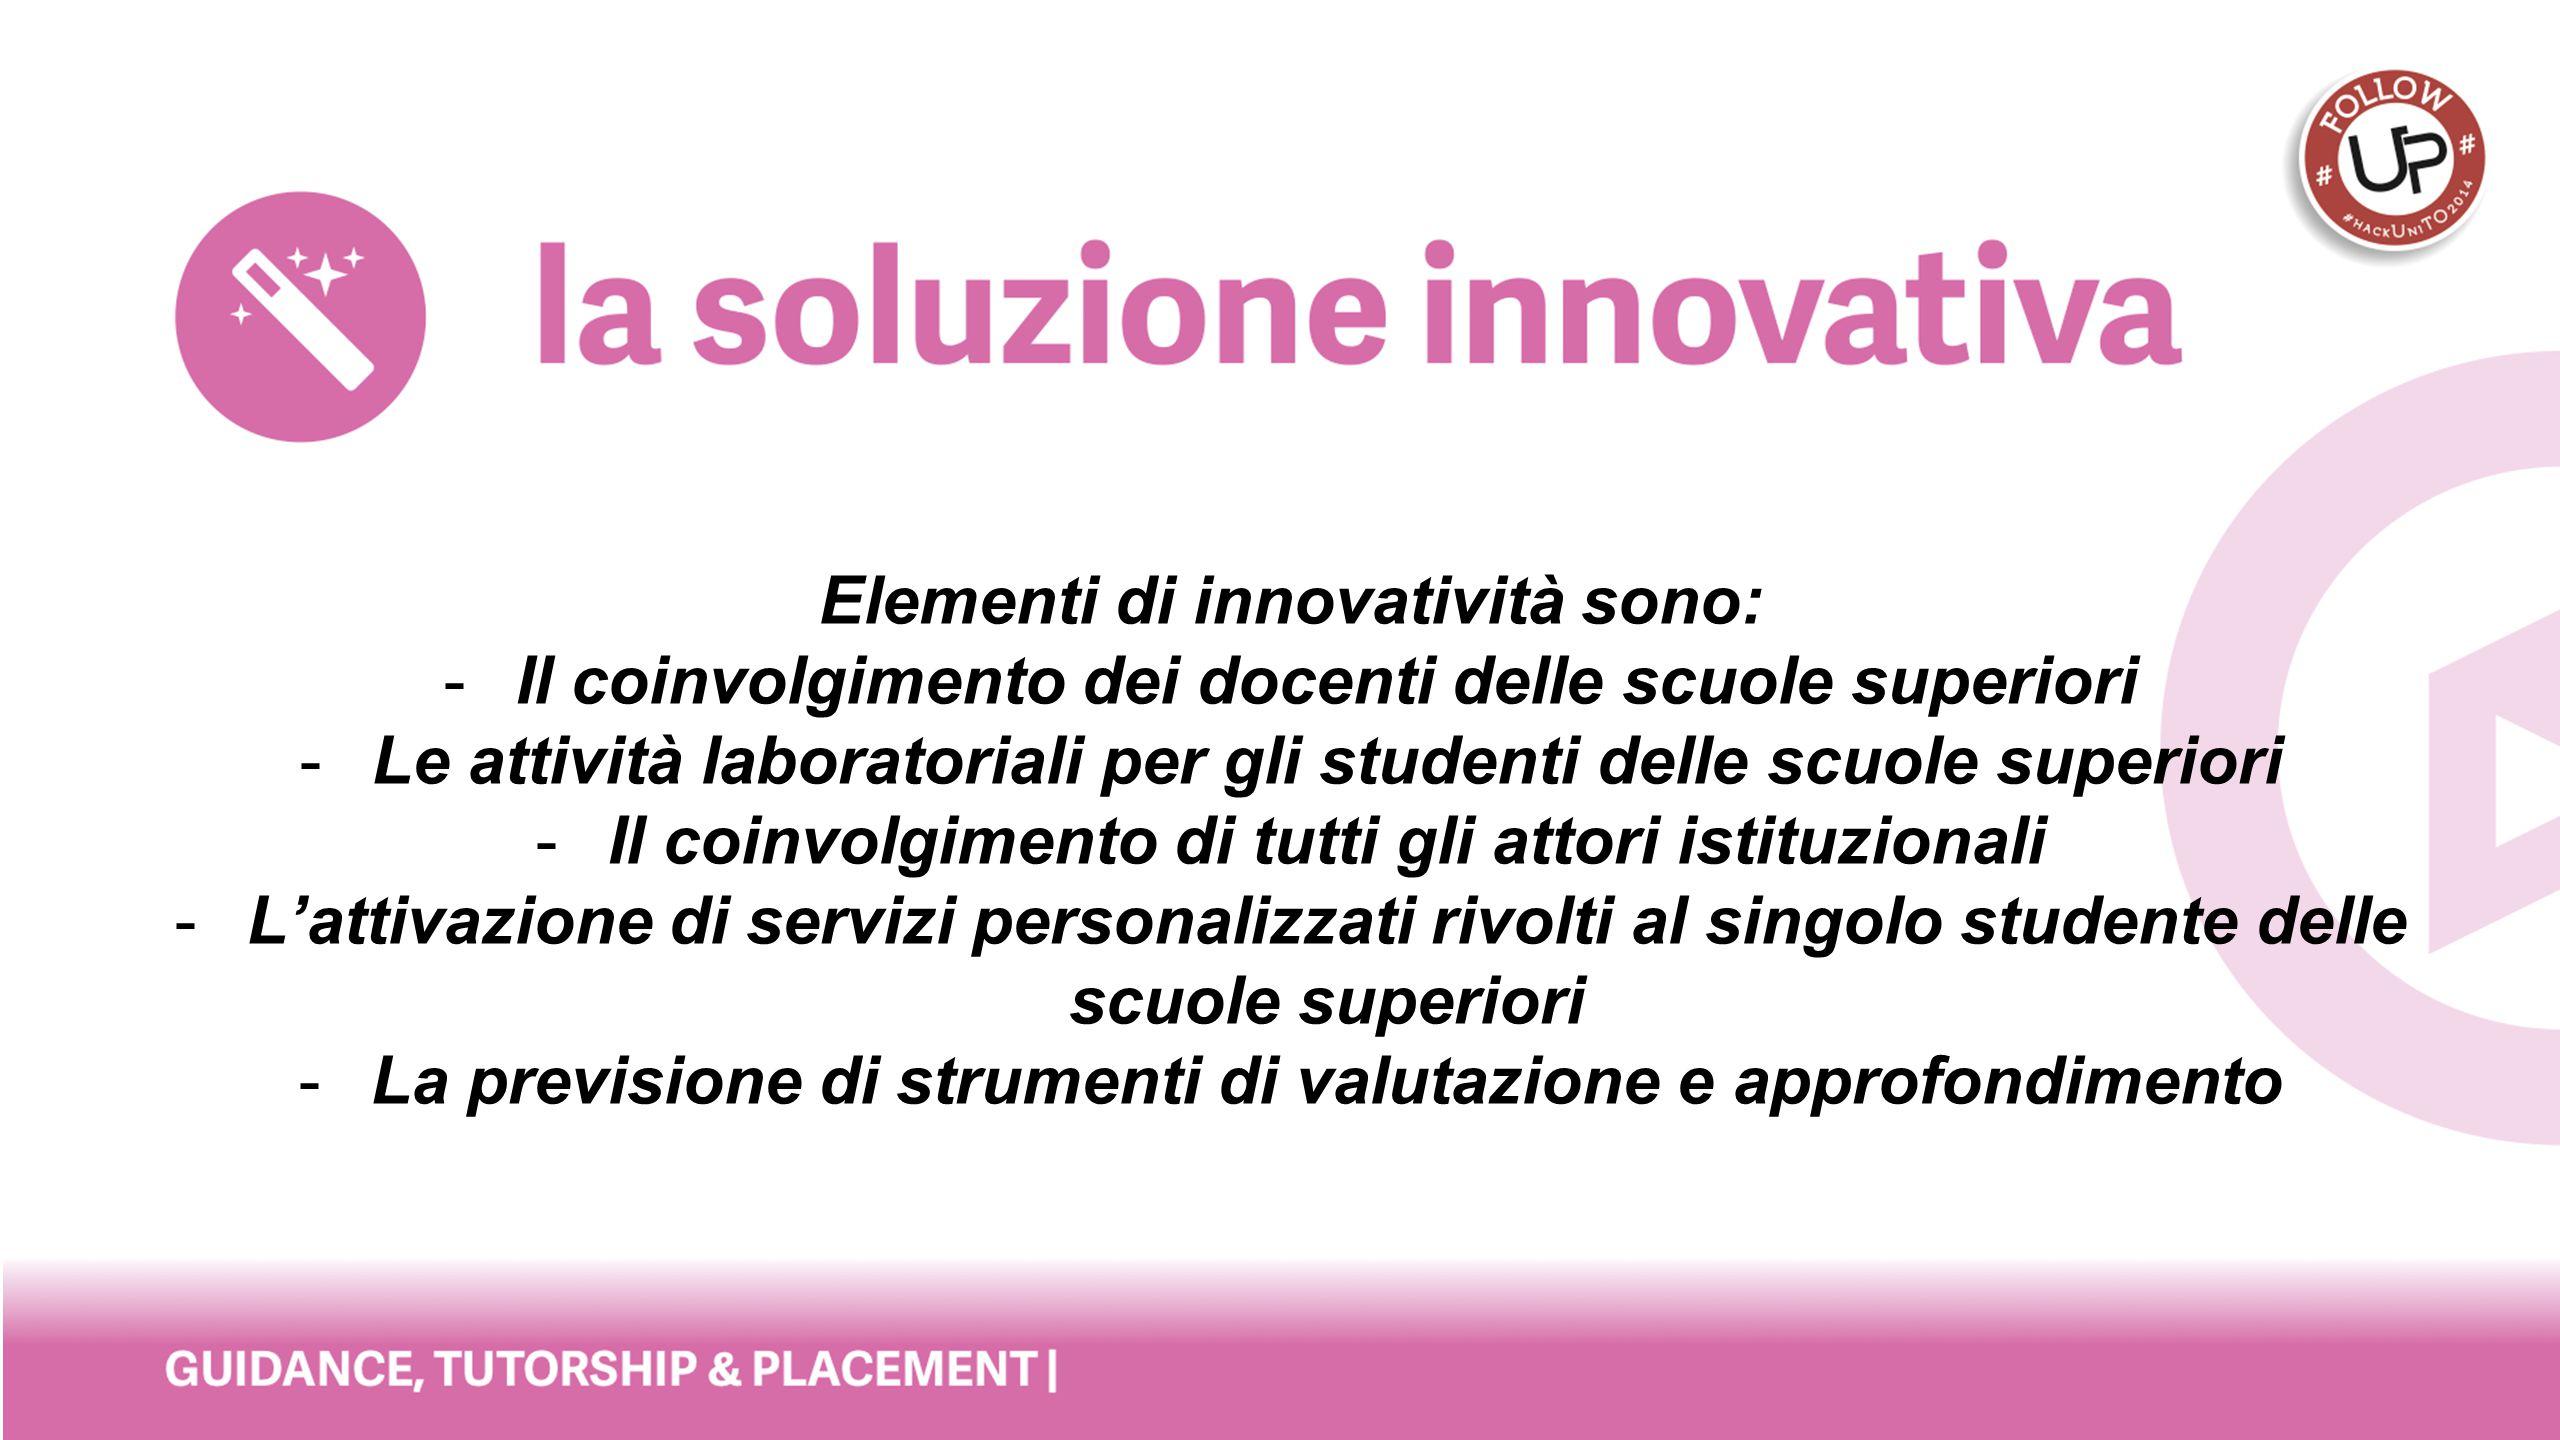 Elementi di innovatività sono: -Il coinvolgimento dei docenti delle scuole superiori -Le attività laboratoriali per gli studenti delle scuole superior